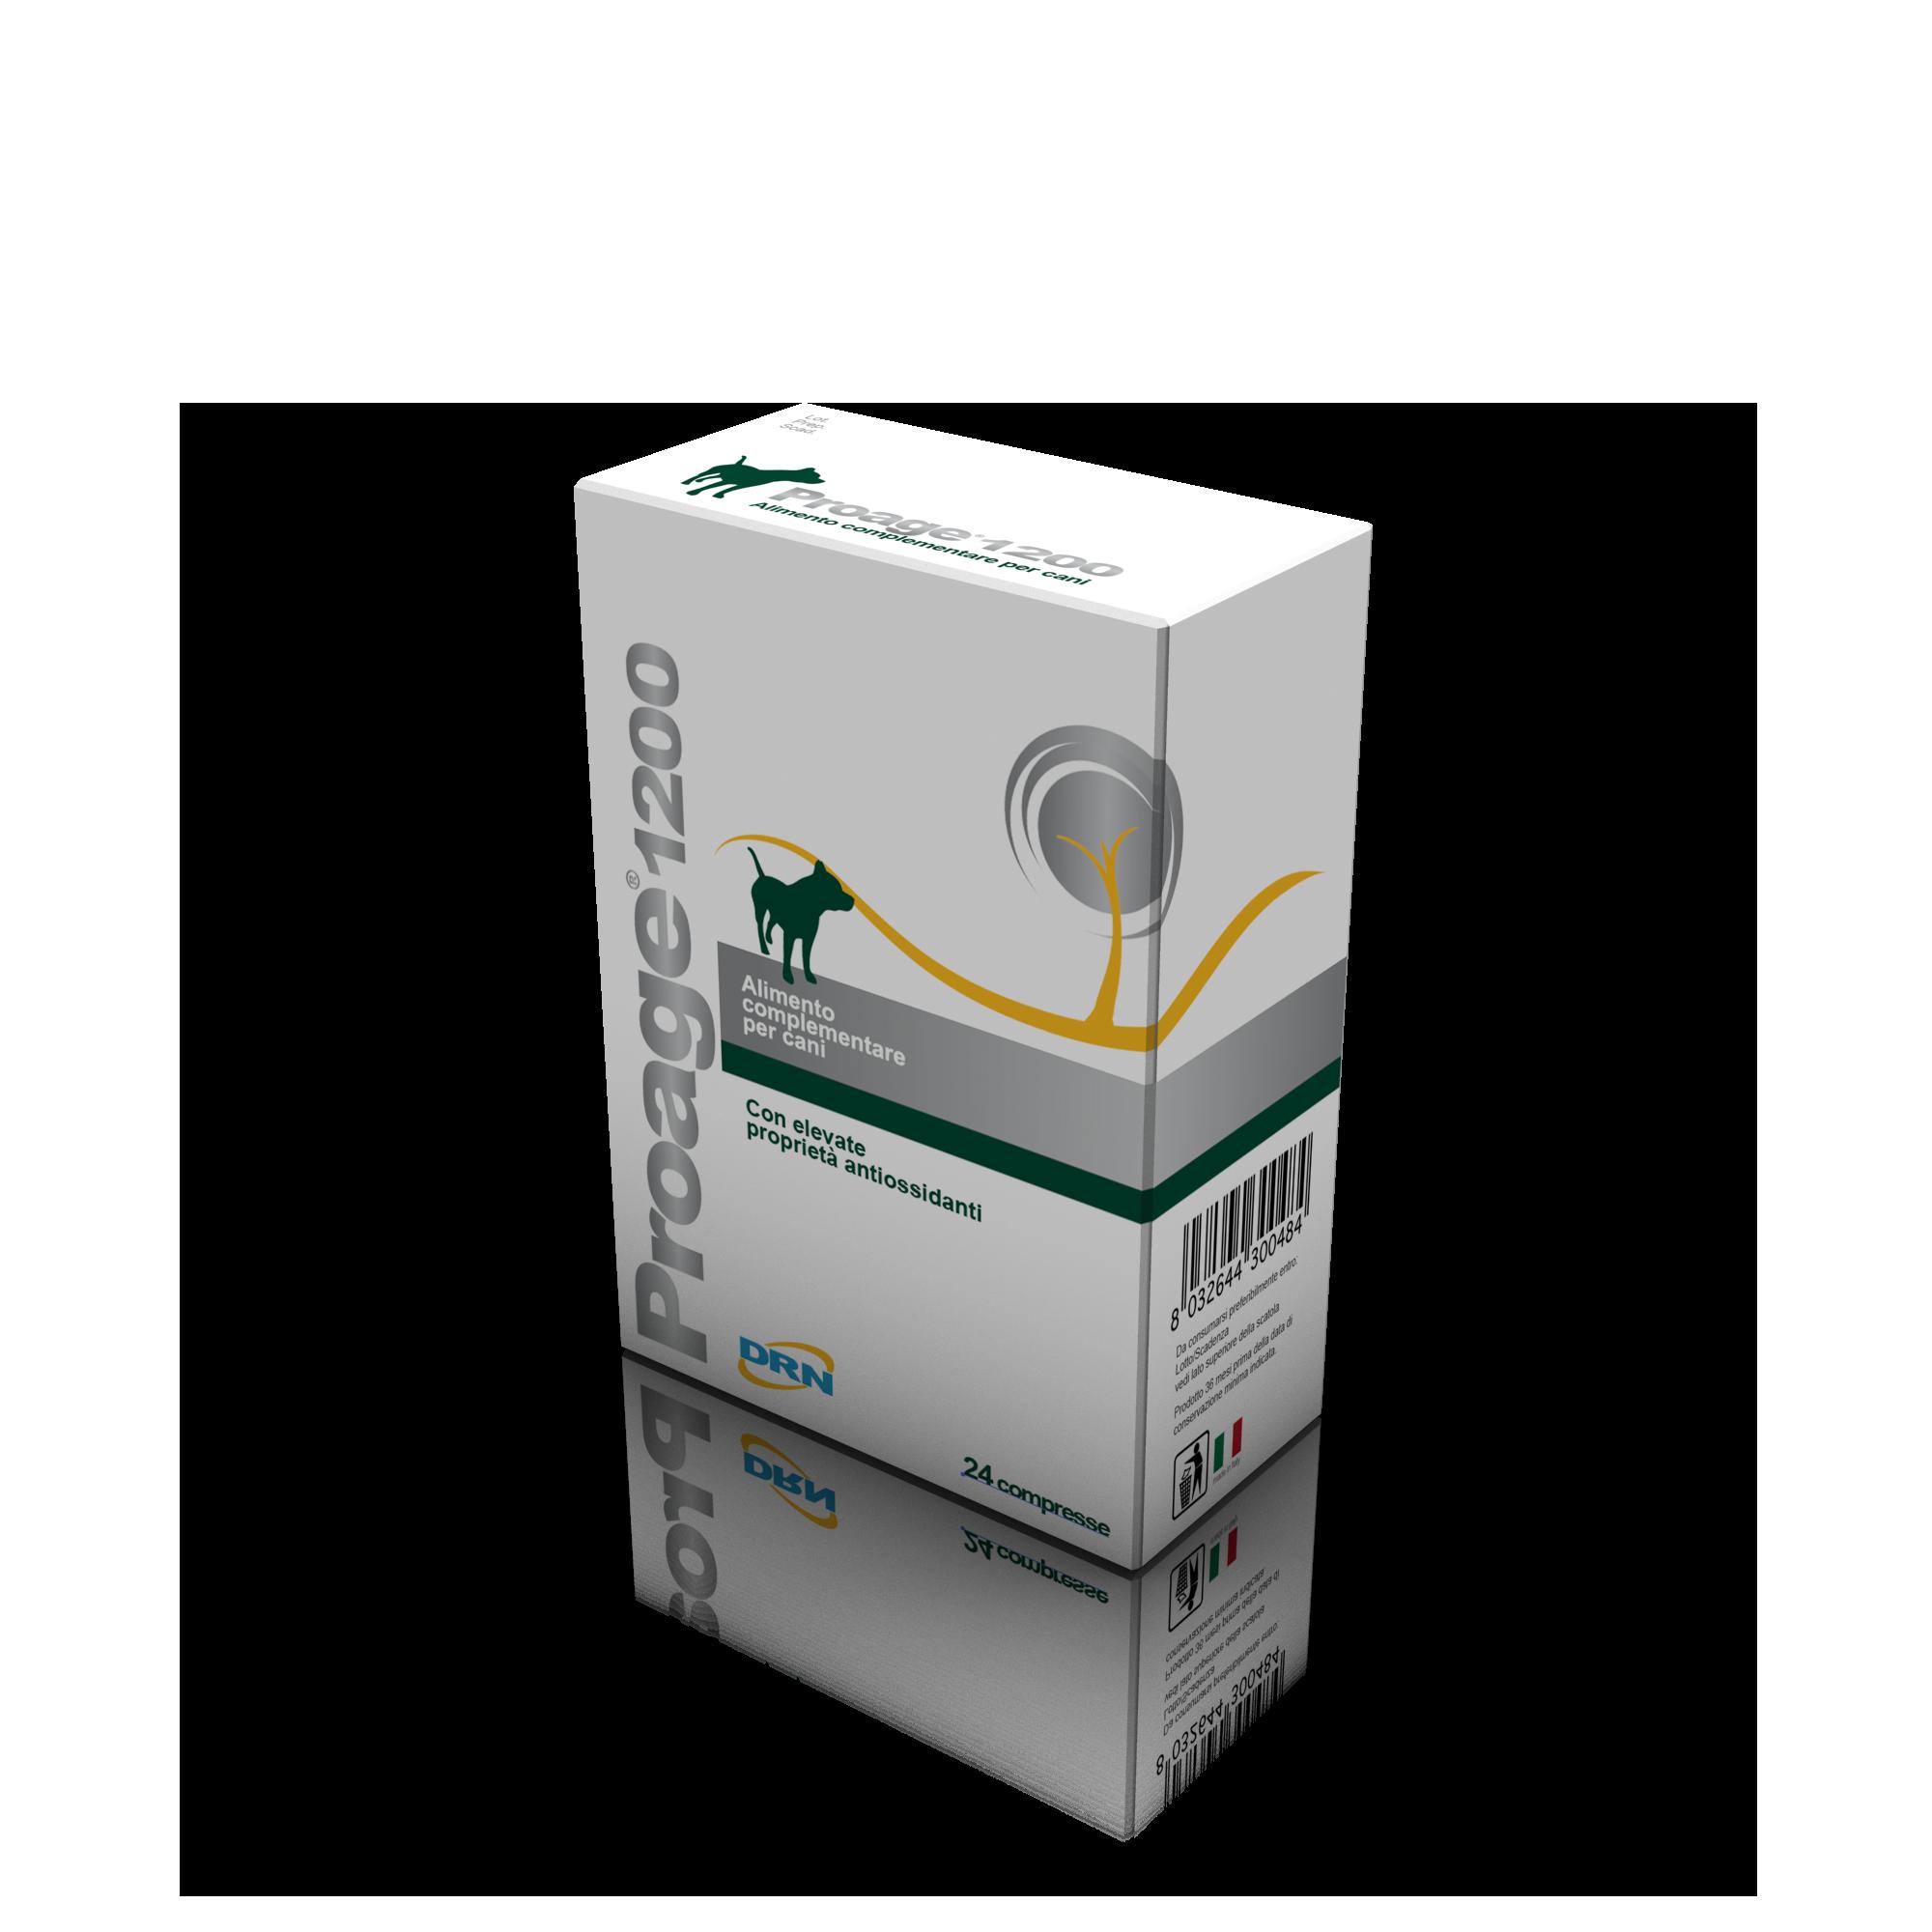 Proage fodertillskott - 24 tabletter